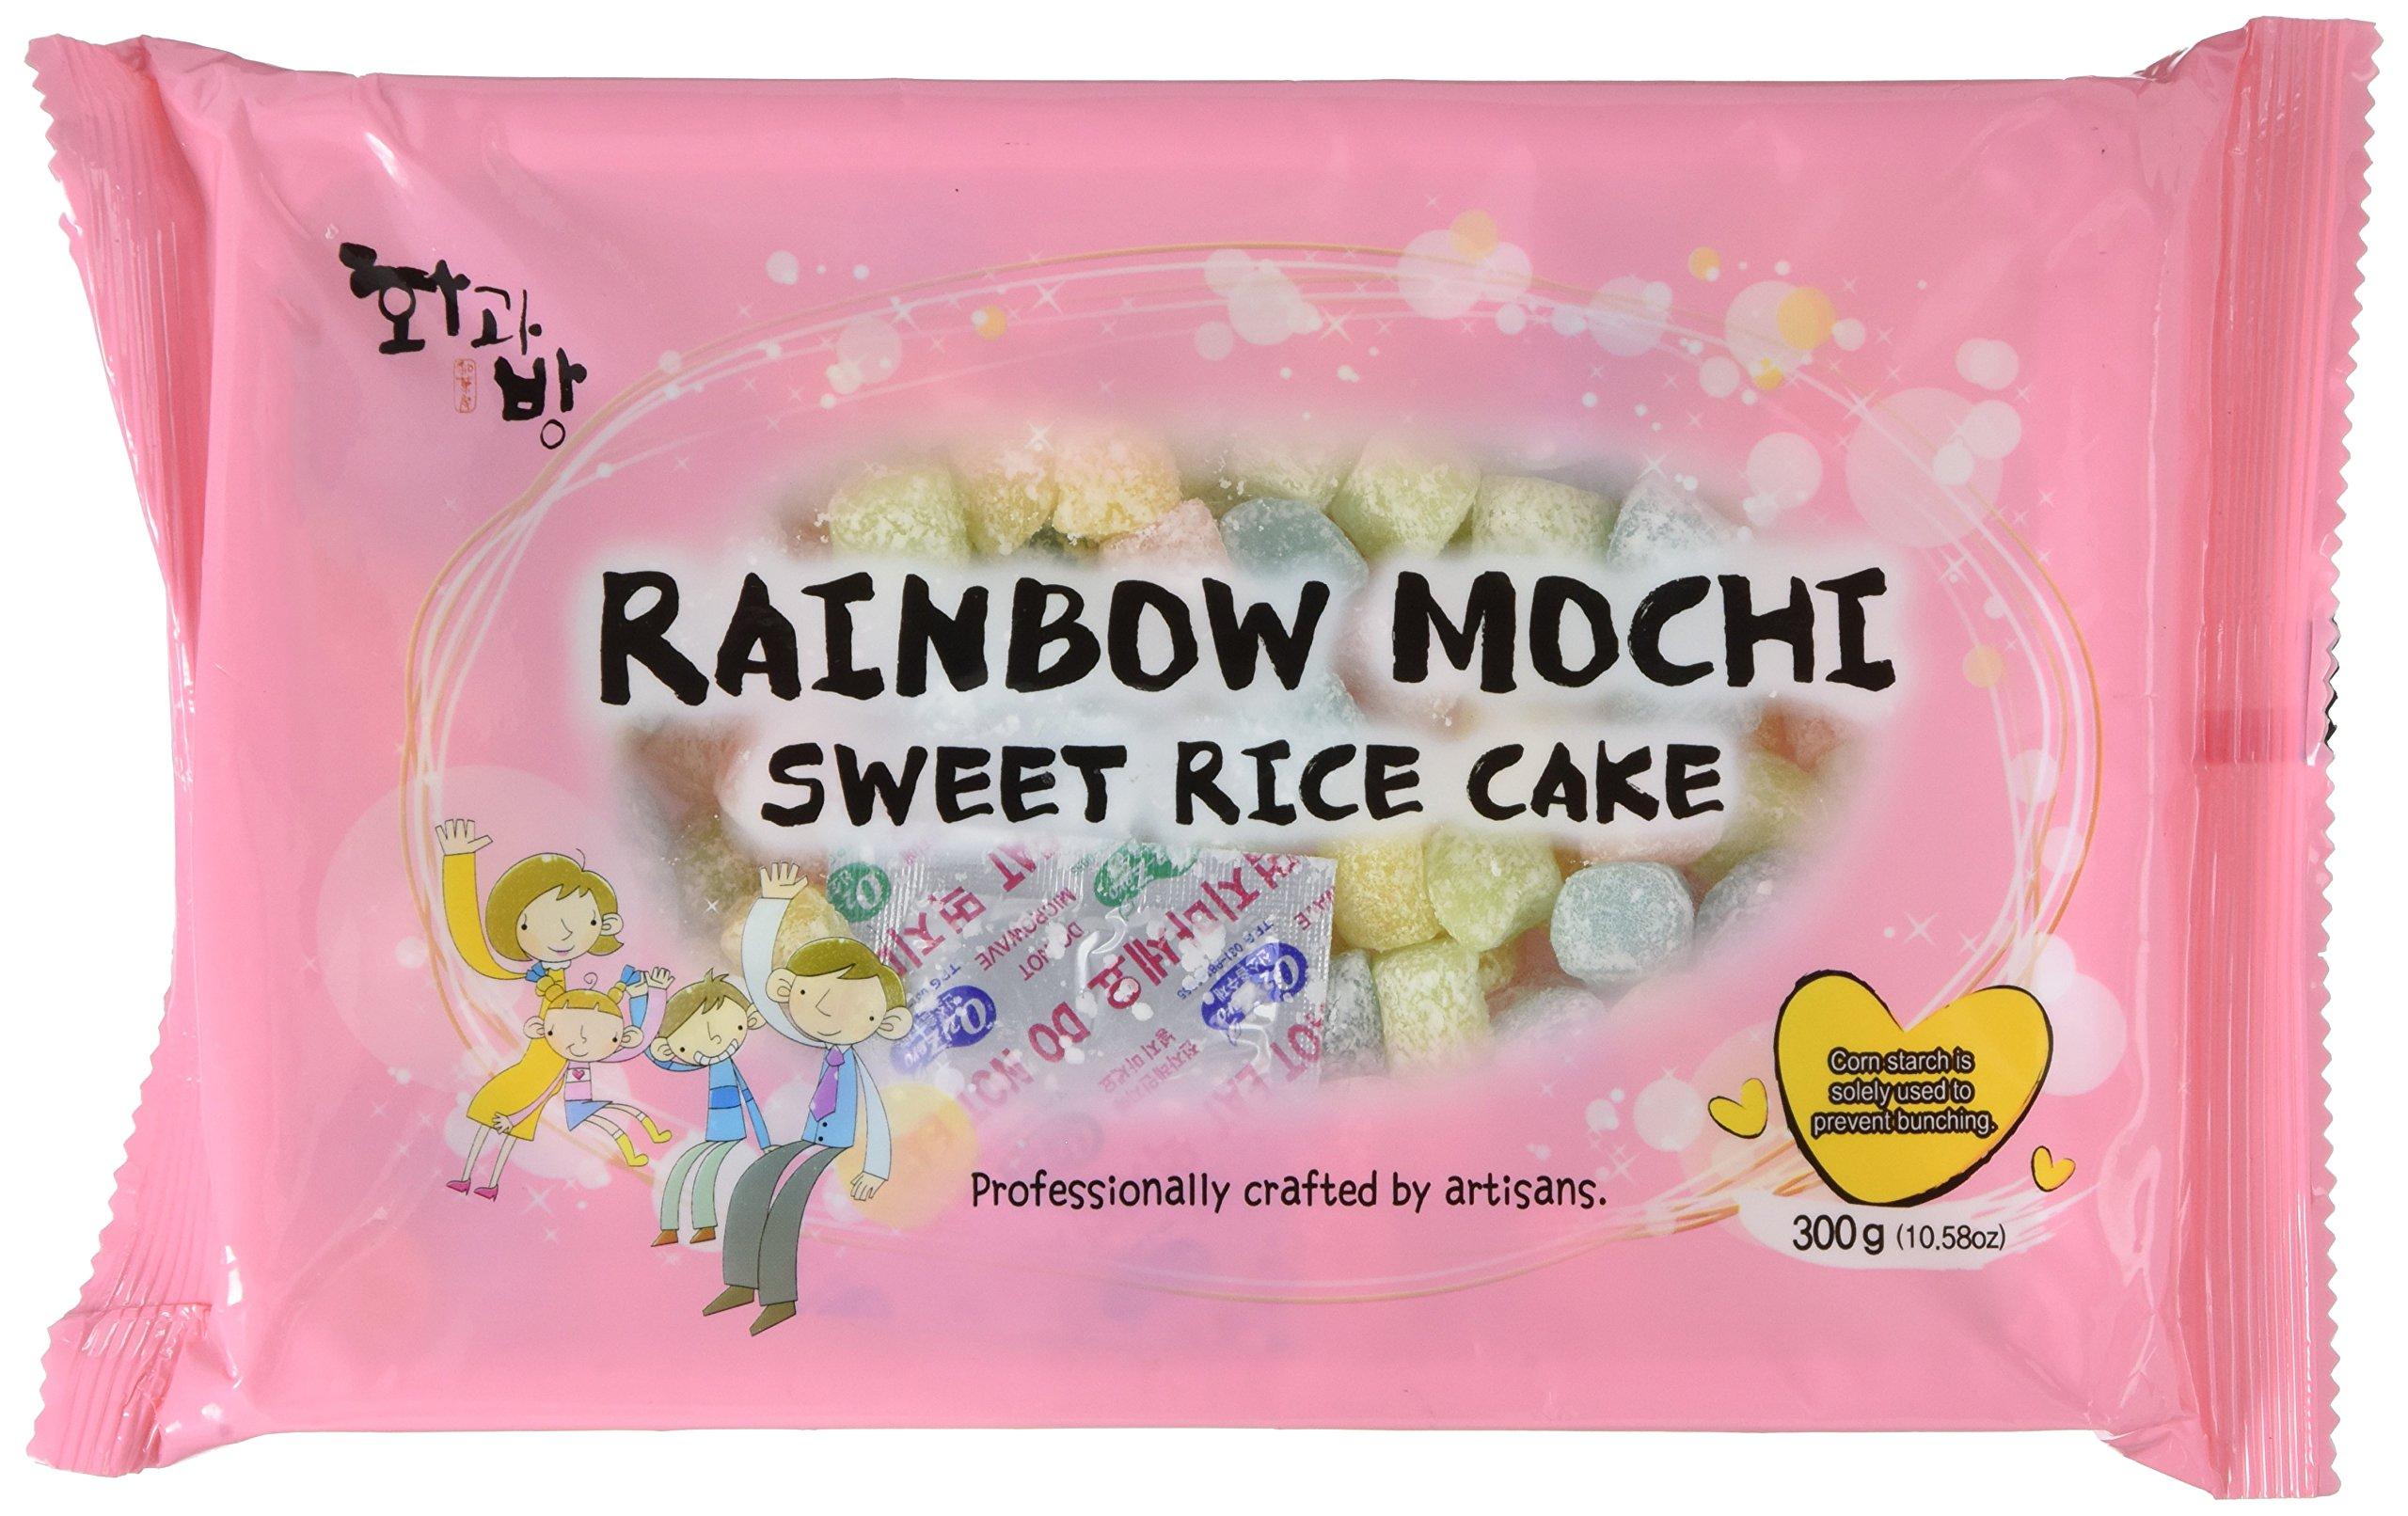 Mochi Sweet Rice Cakes MINI Sweet Rice Cake - Rainbow 300G 10.58oz by BobaStore